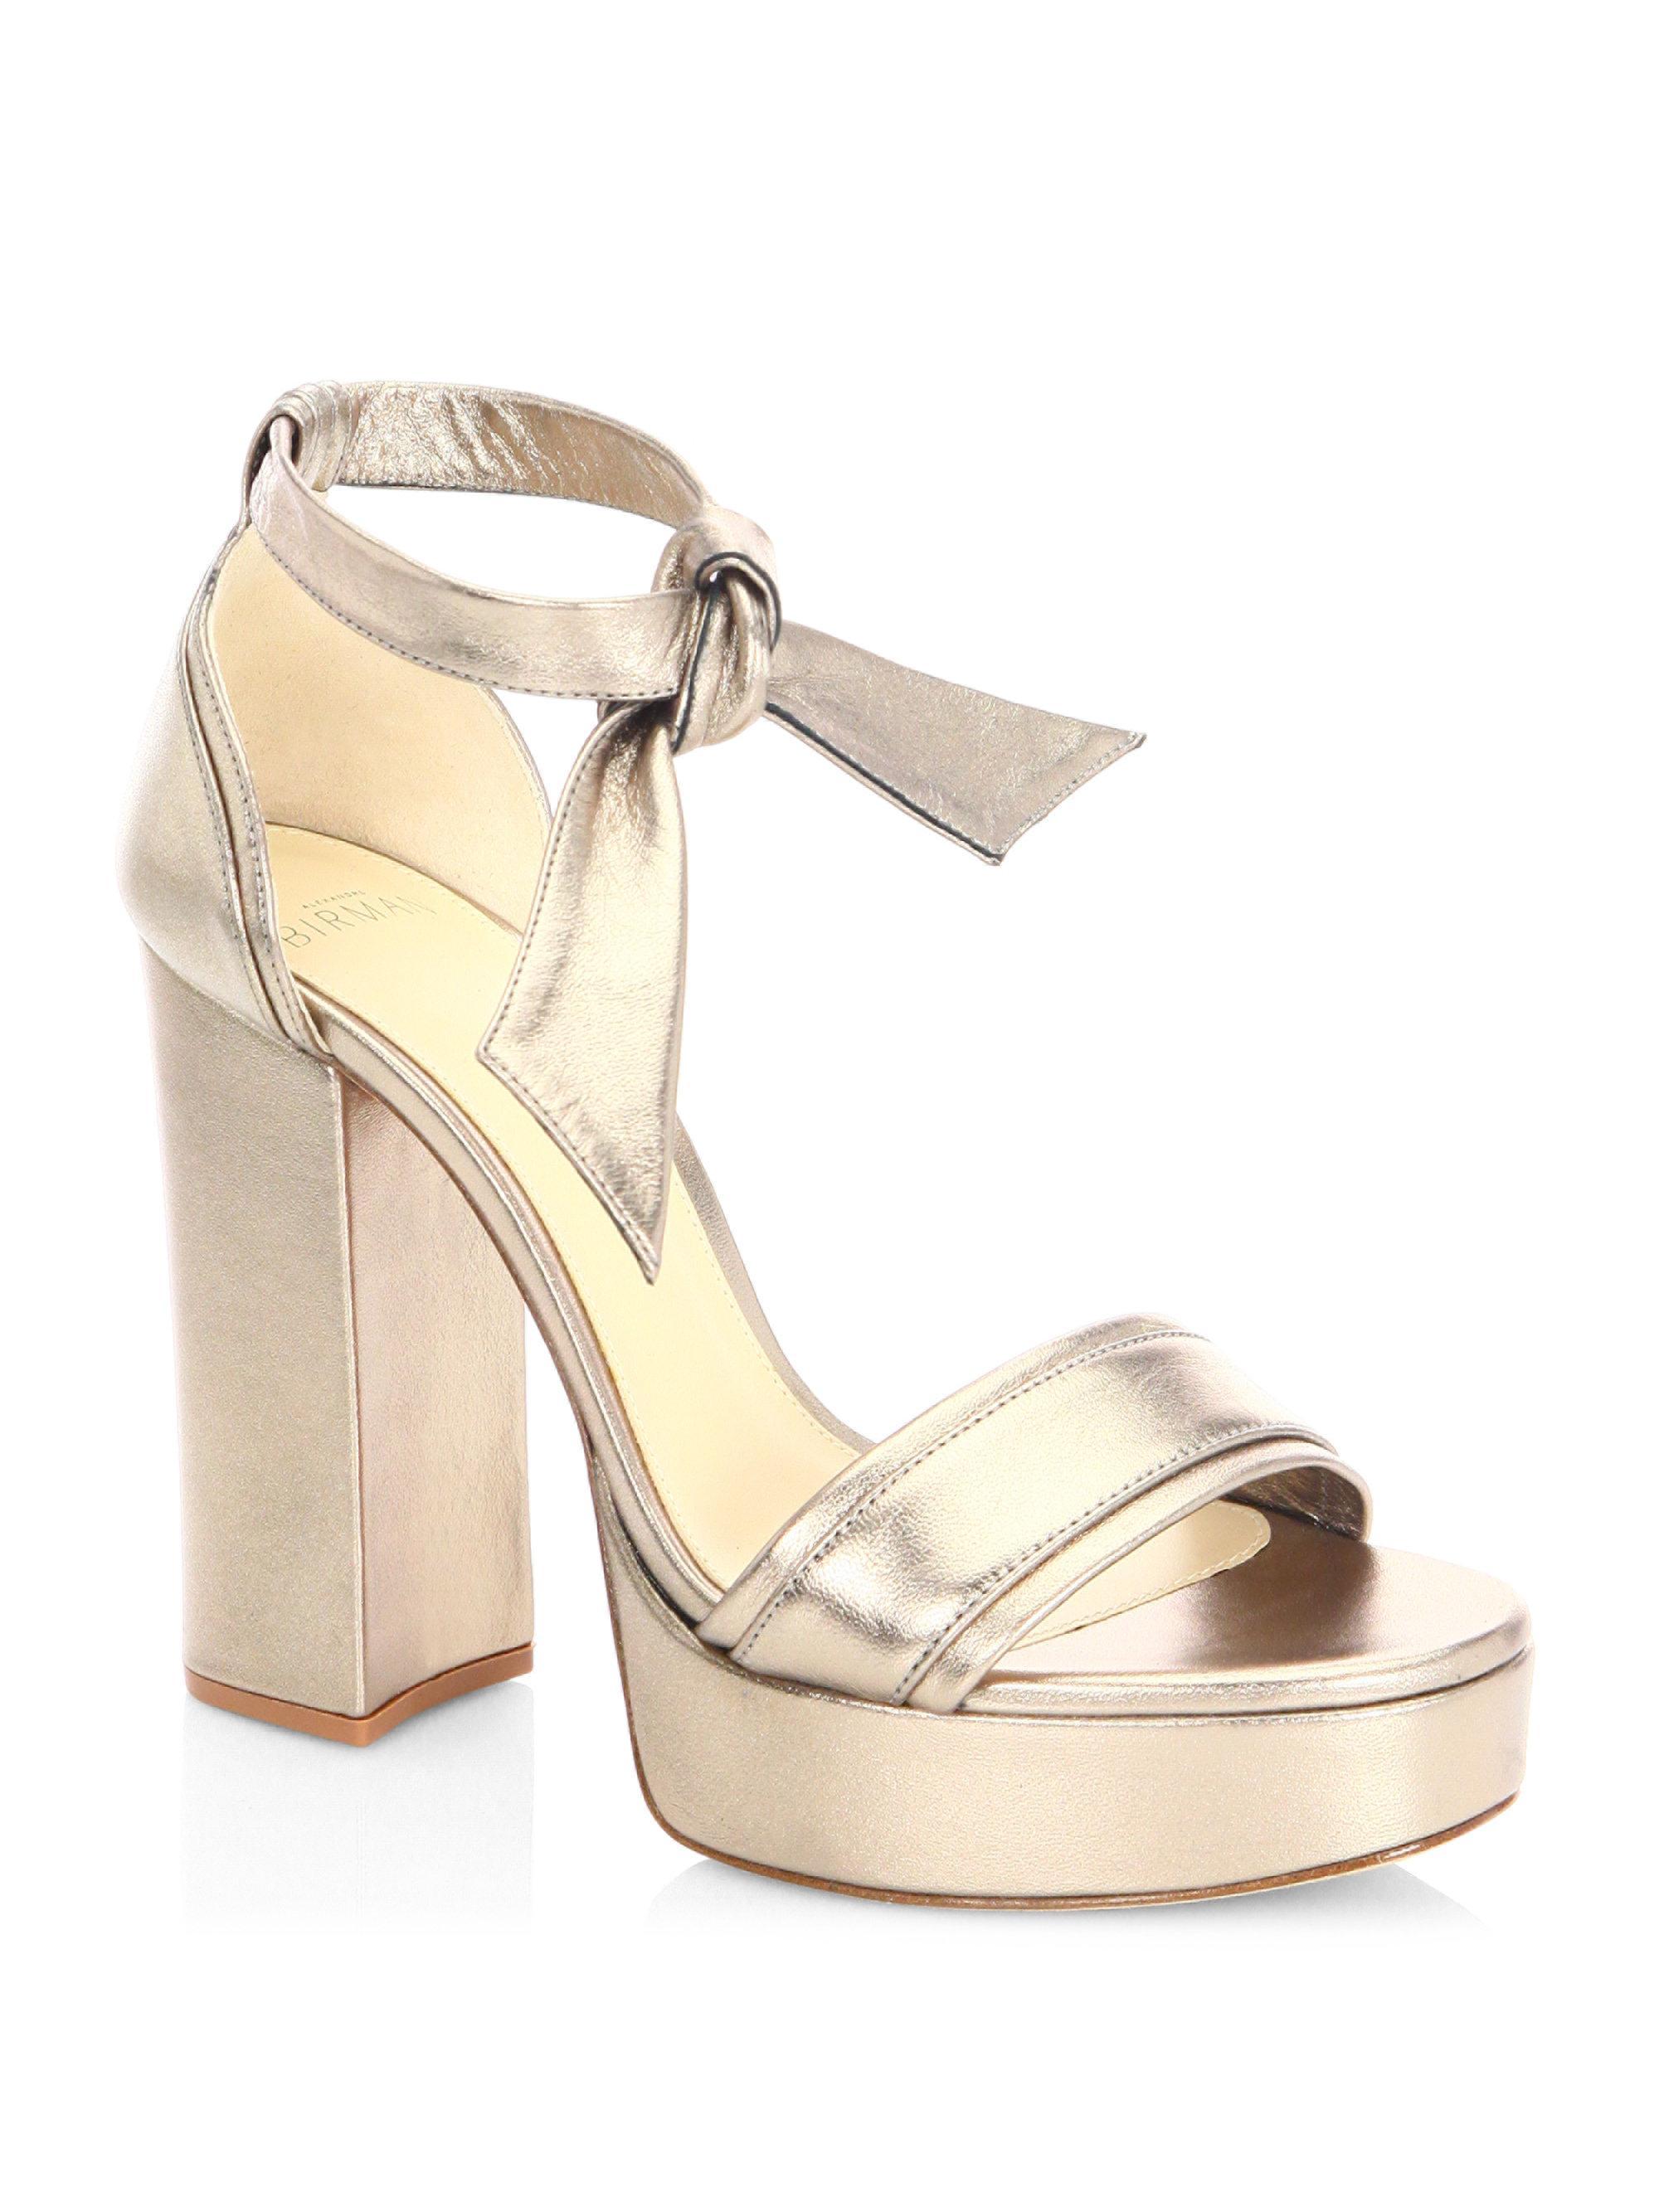 420cab2d57 Alexandre Birman Celine Platform Sandals - Lyst